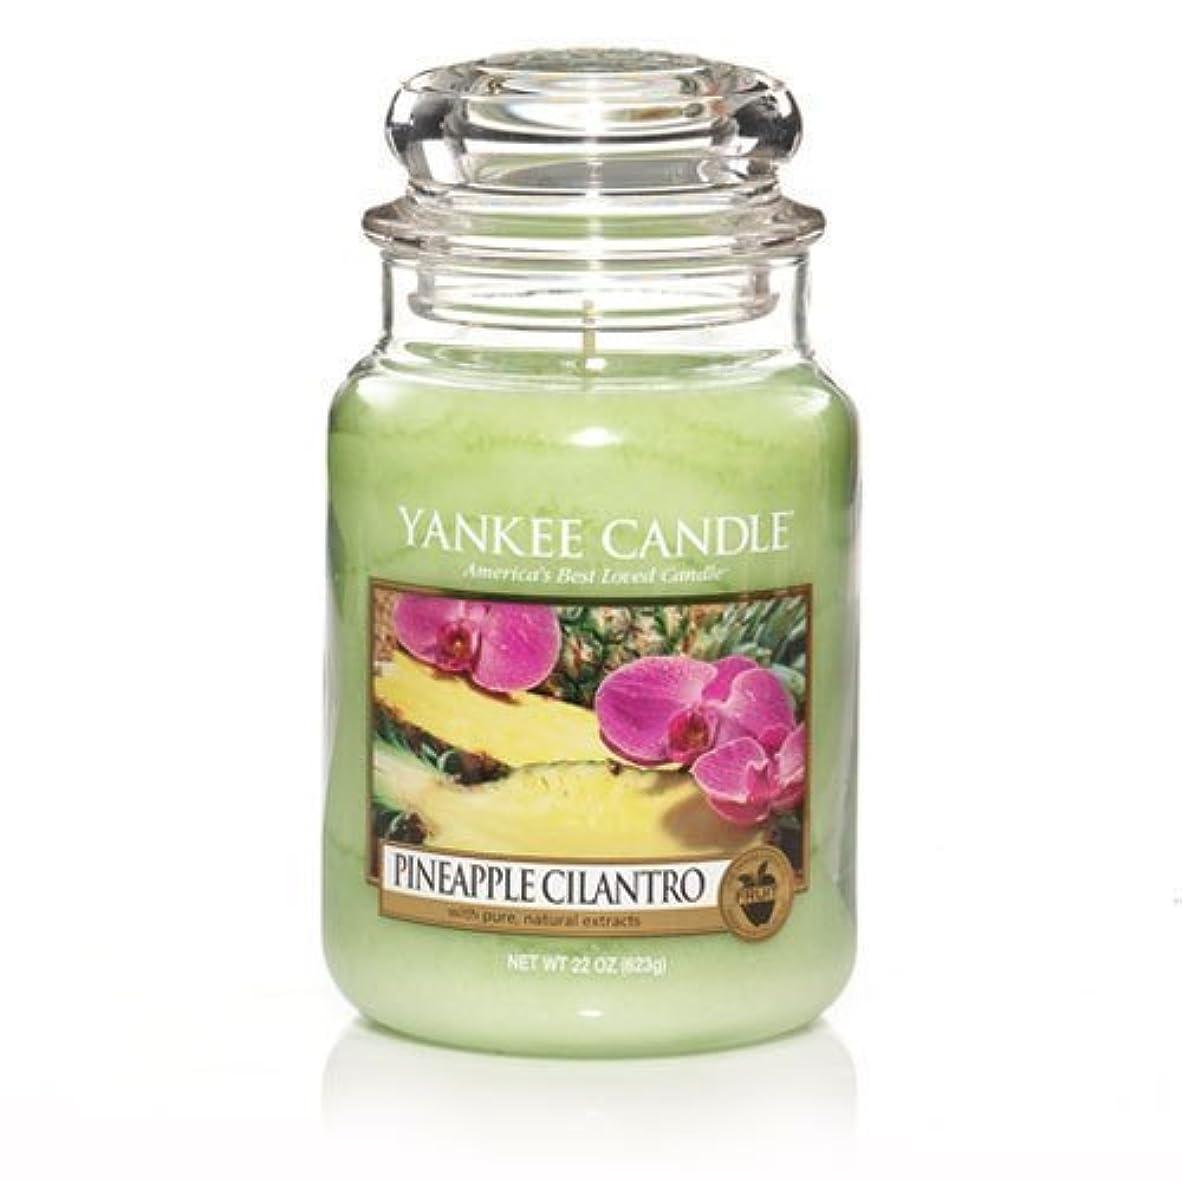 褒賞コール汚すYankee Candle Pineapple Cilantro Large Jar 22oz Candle by Amazon source [並行輸入品]